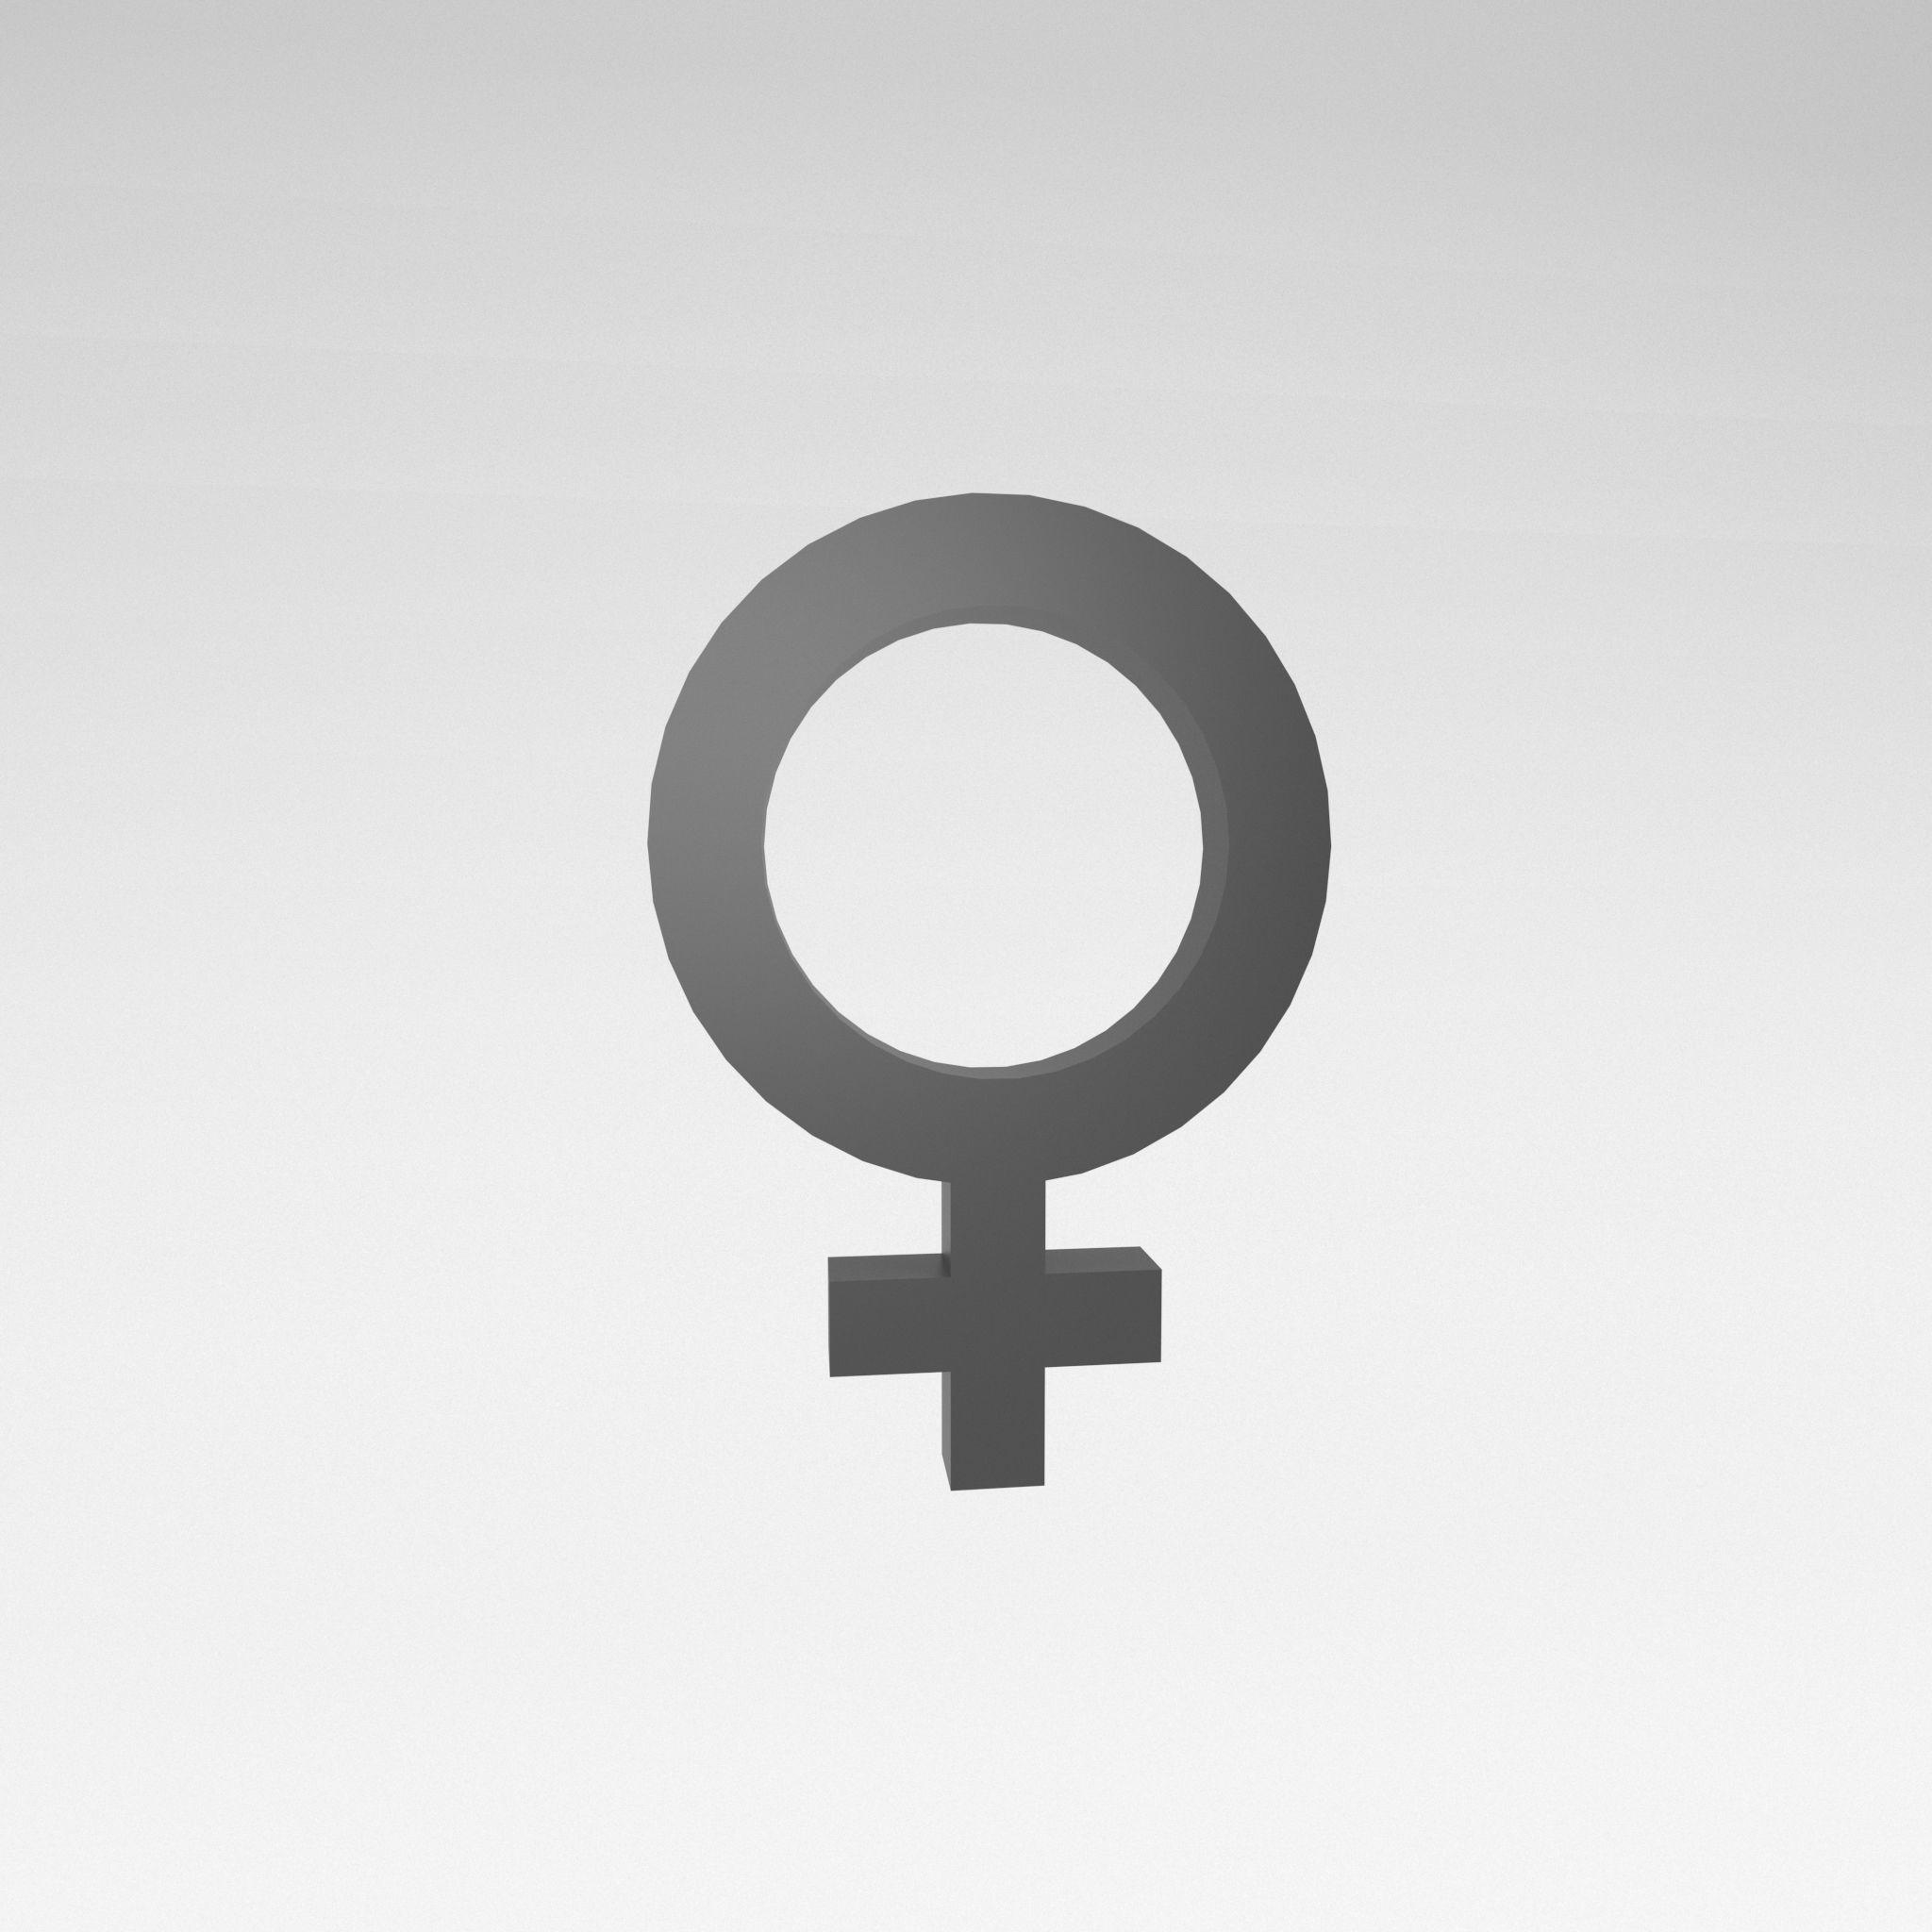 Gender Symbol v1 001